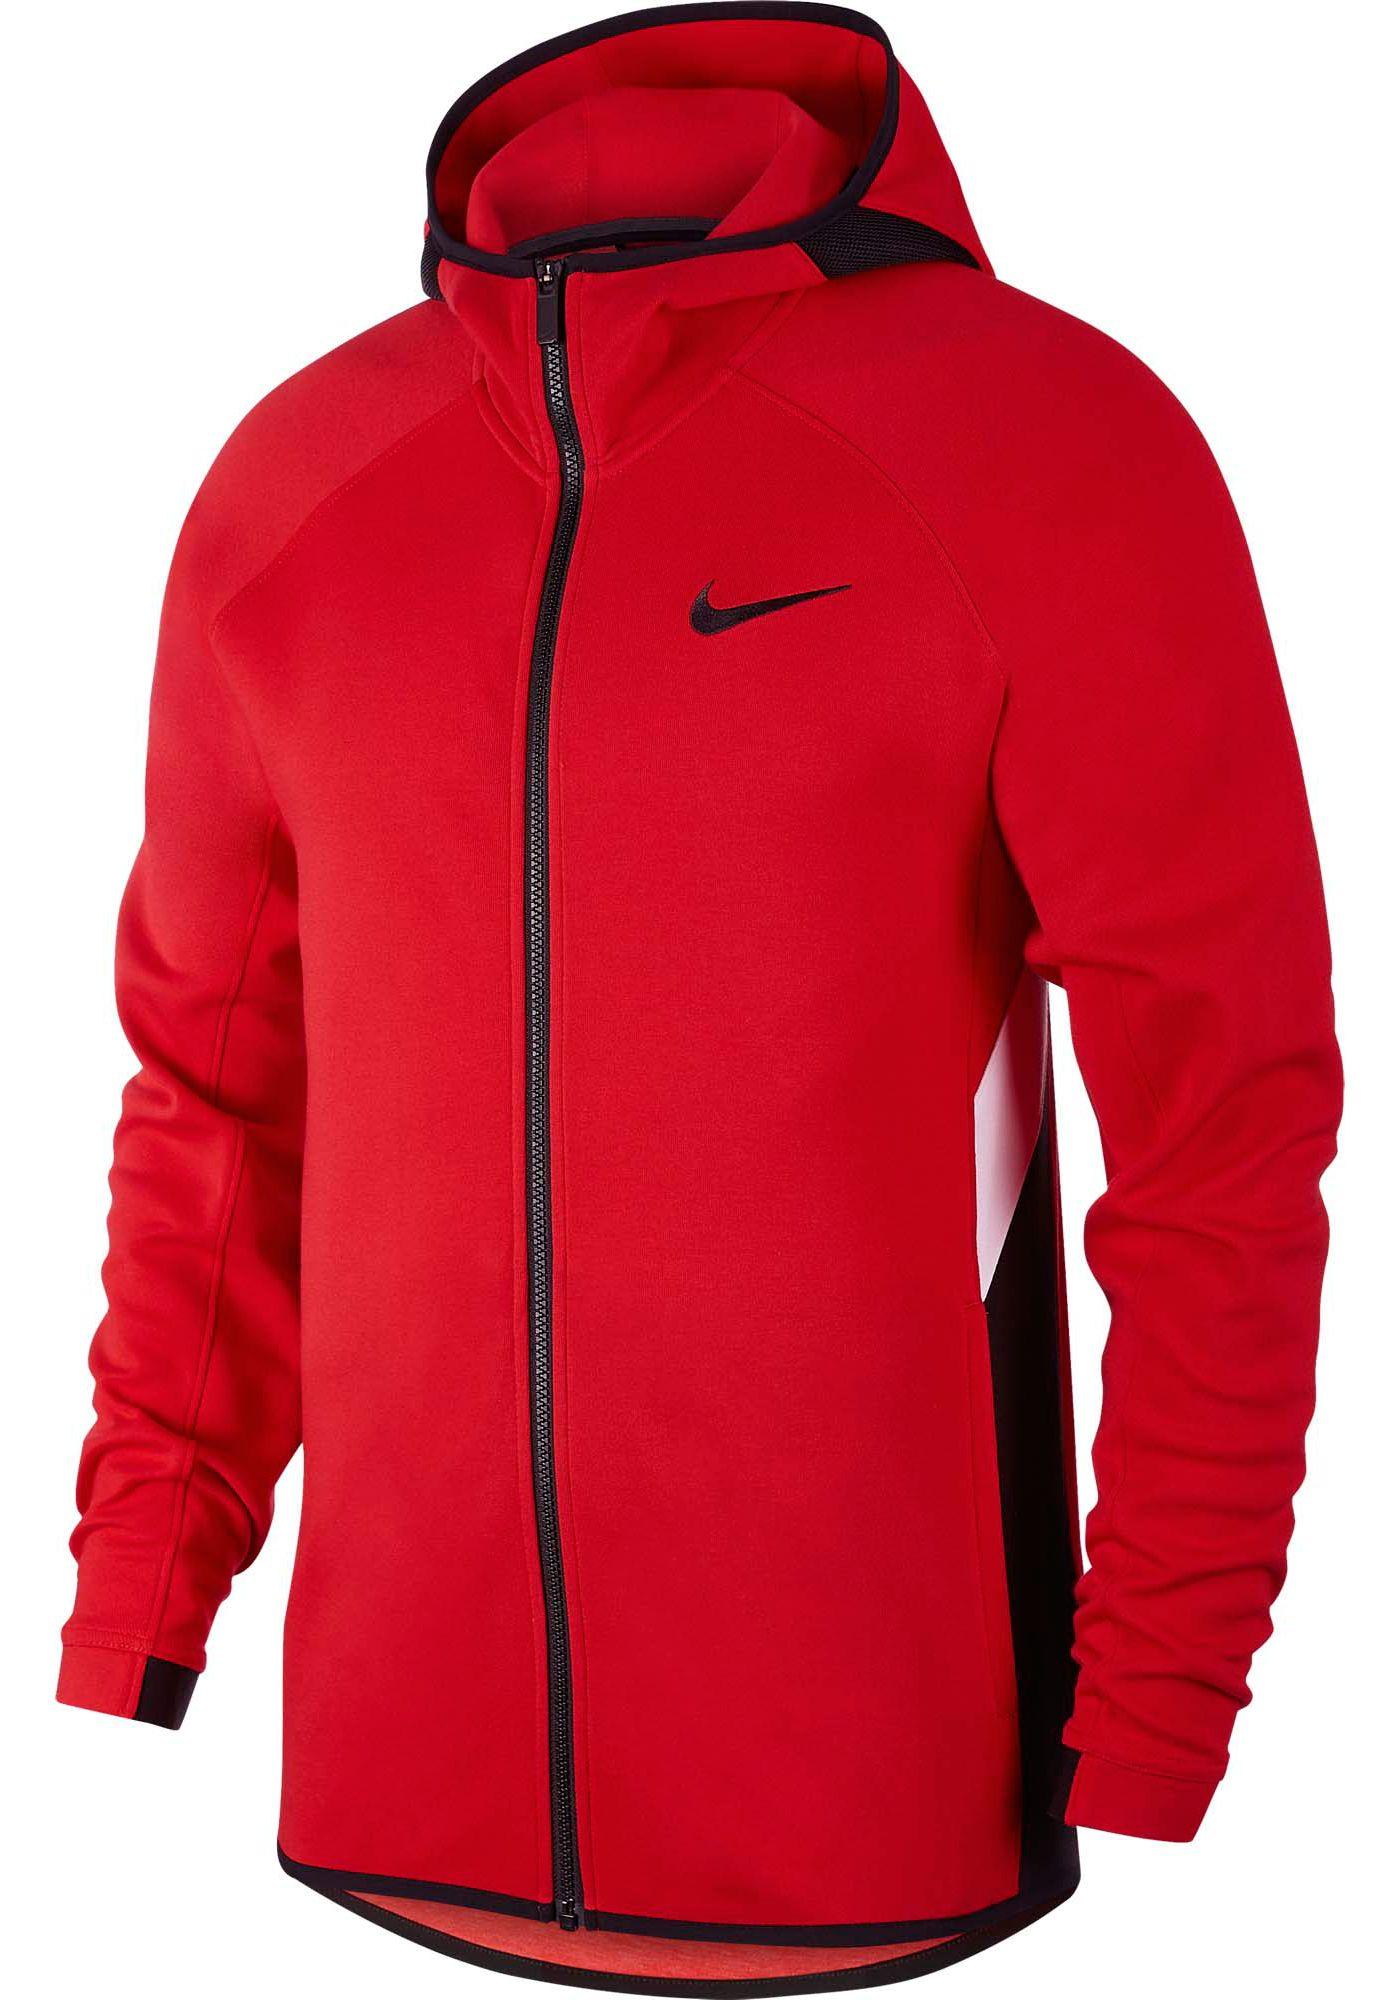 Nike Men's Dri-FIT Showtime Basketball Full Zip Hoodie